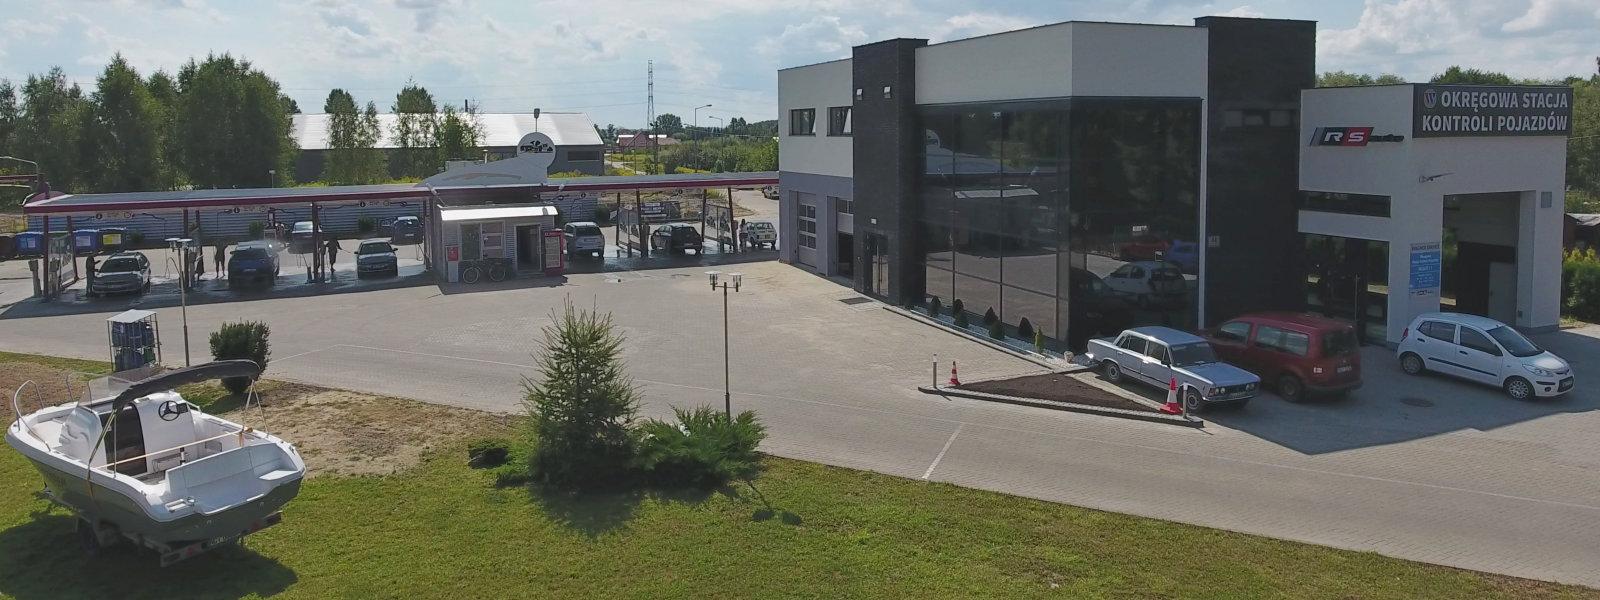 Okręgowa Stacja Kontroli Pojazdów, bezdotykowa myjnia samochodowa,Wagner Service Giżycko